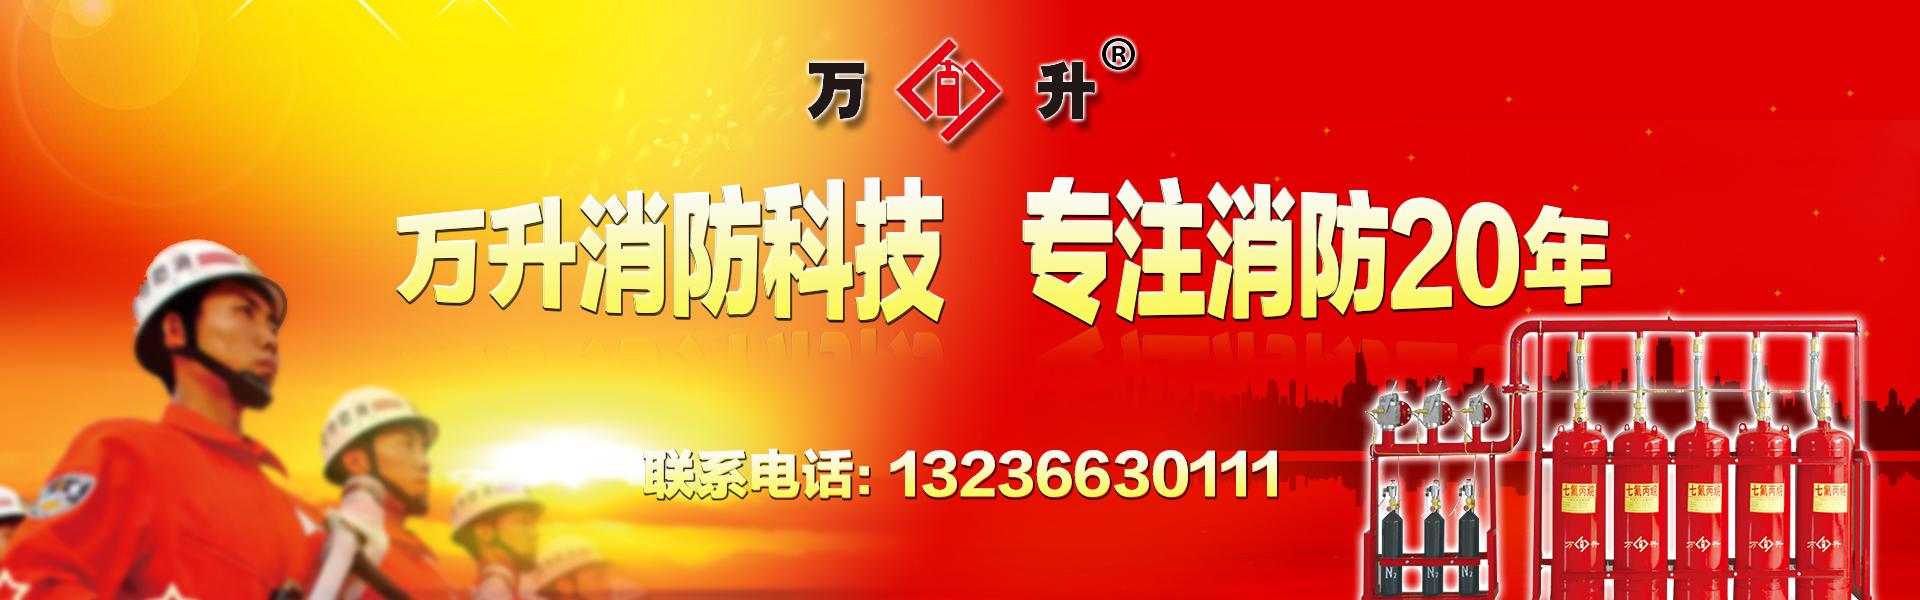 沈阳灭火装置,辽宁气体灭火装置,沈阳气体消防,沈阳消防器材